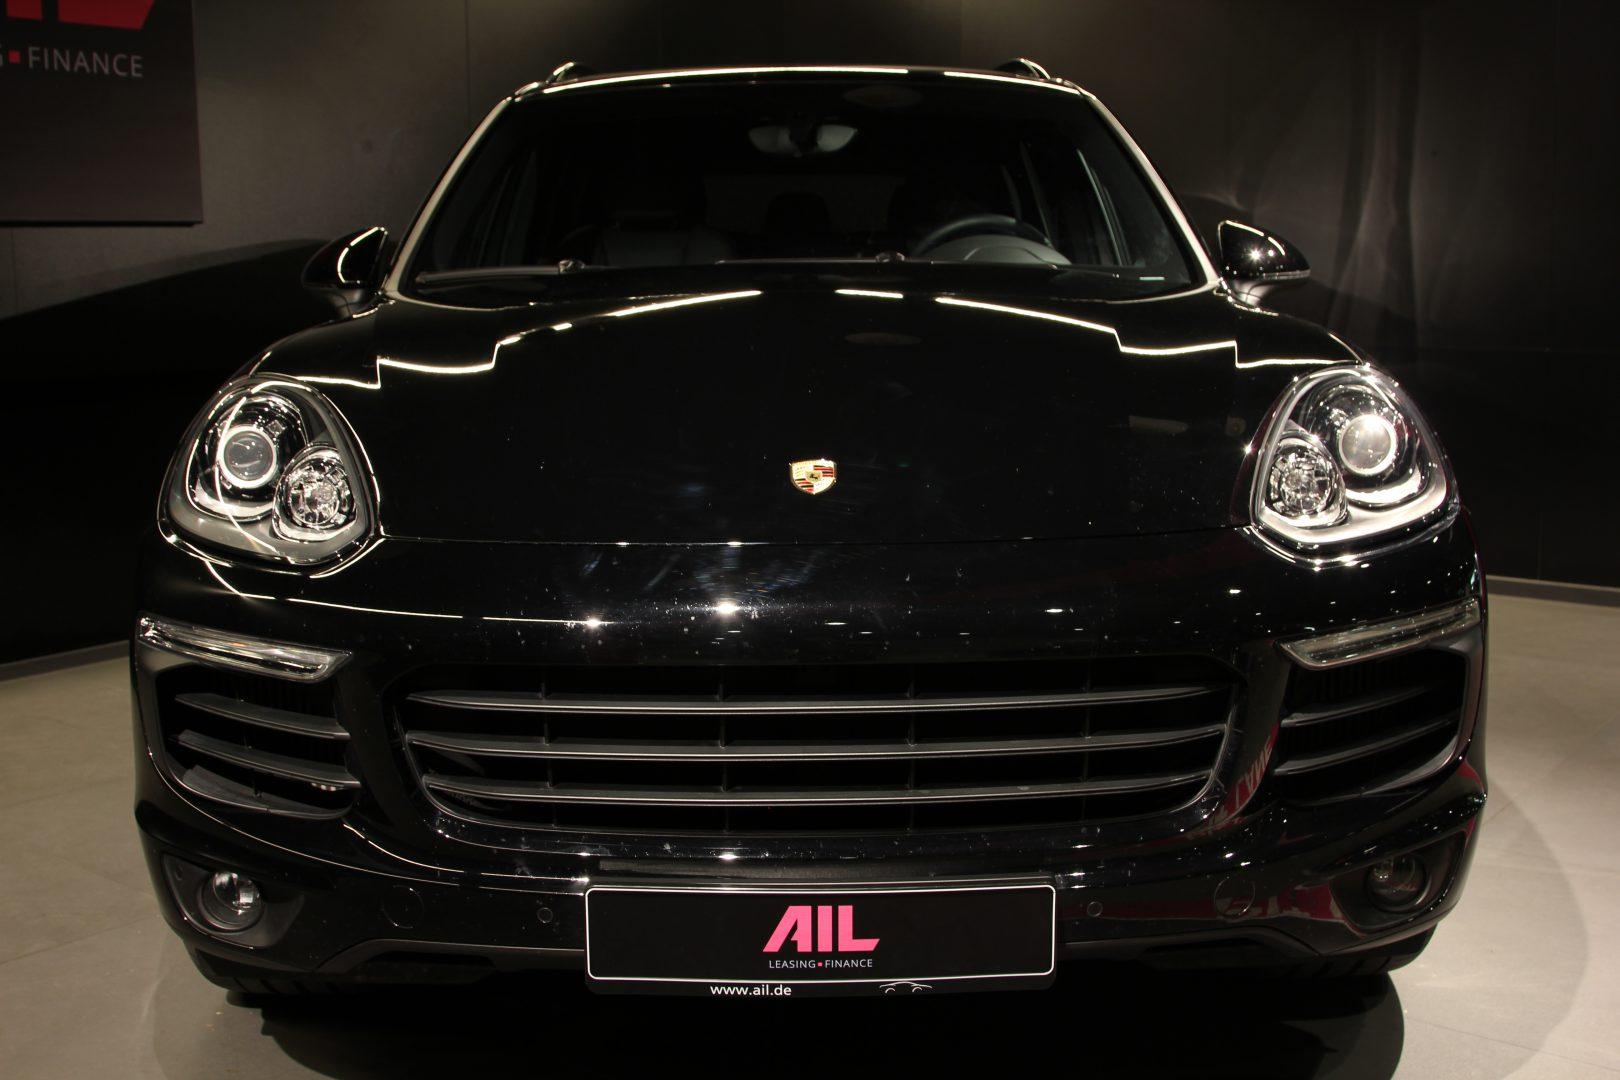 AIL Porsche Cayenne Diesel DAB+ 21 Zoll Sport Edition 1